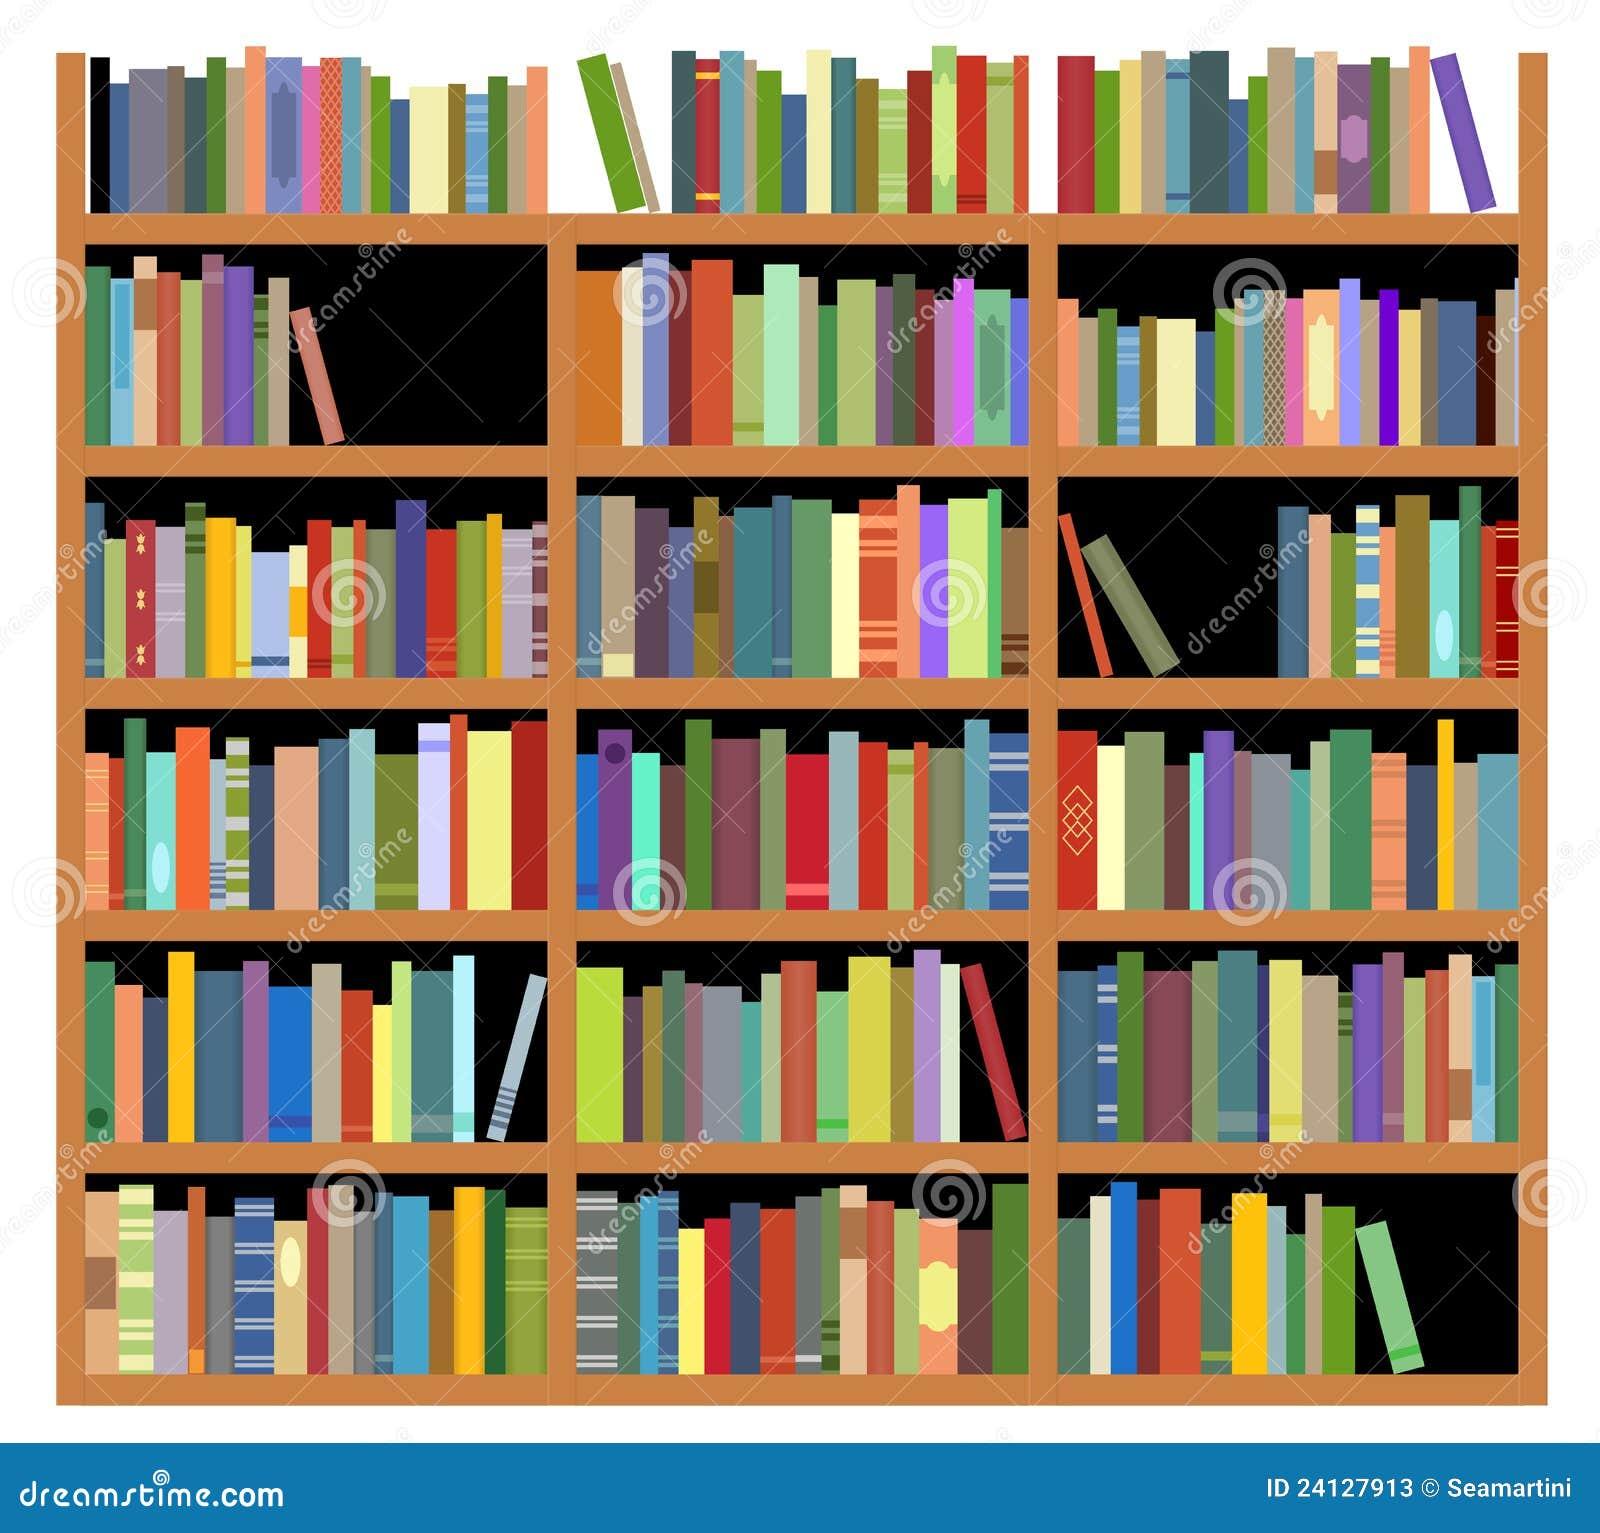 Isolated Bookshelf Stock Photos Image 24127913